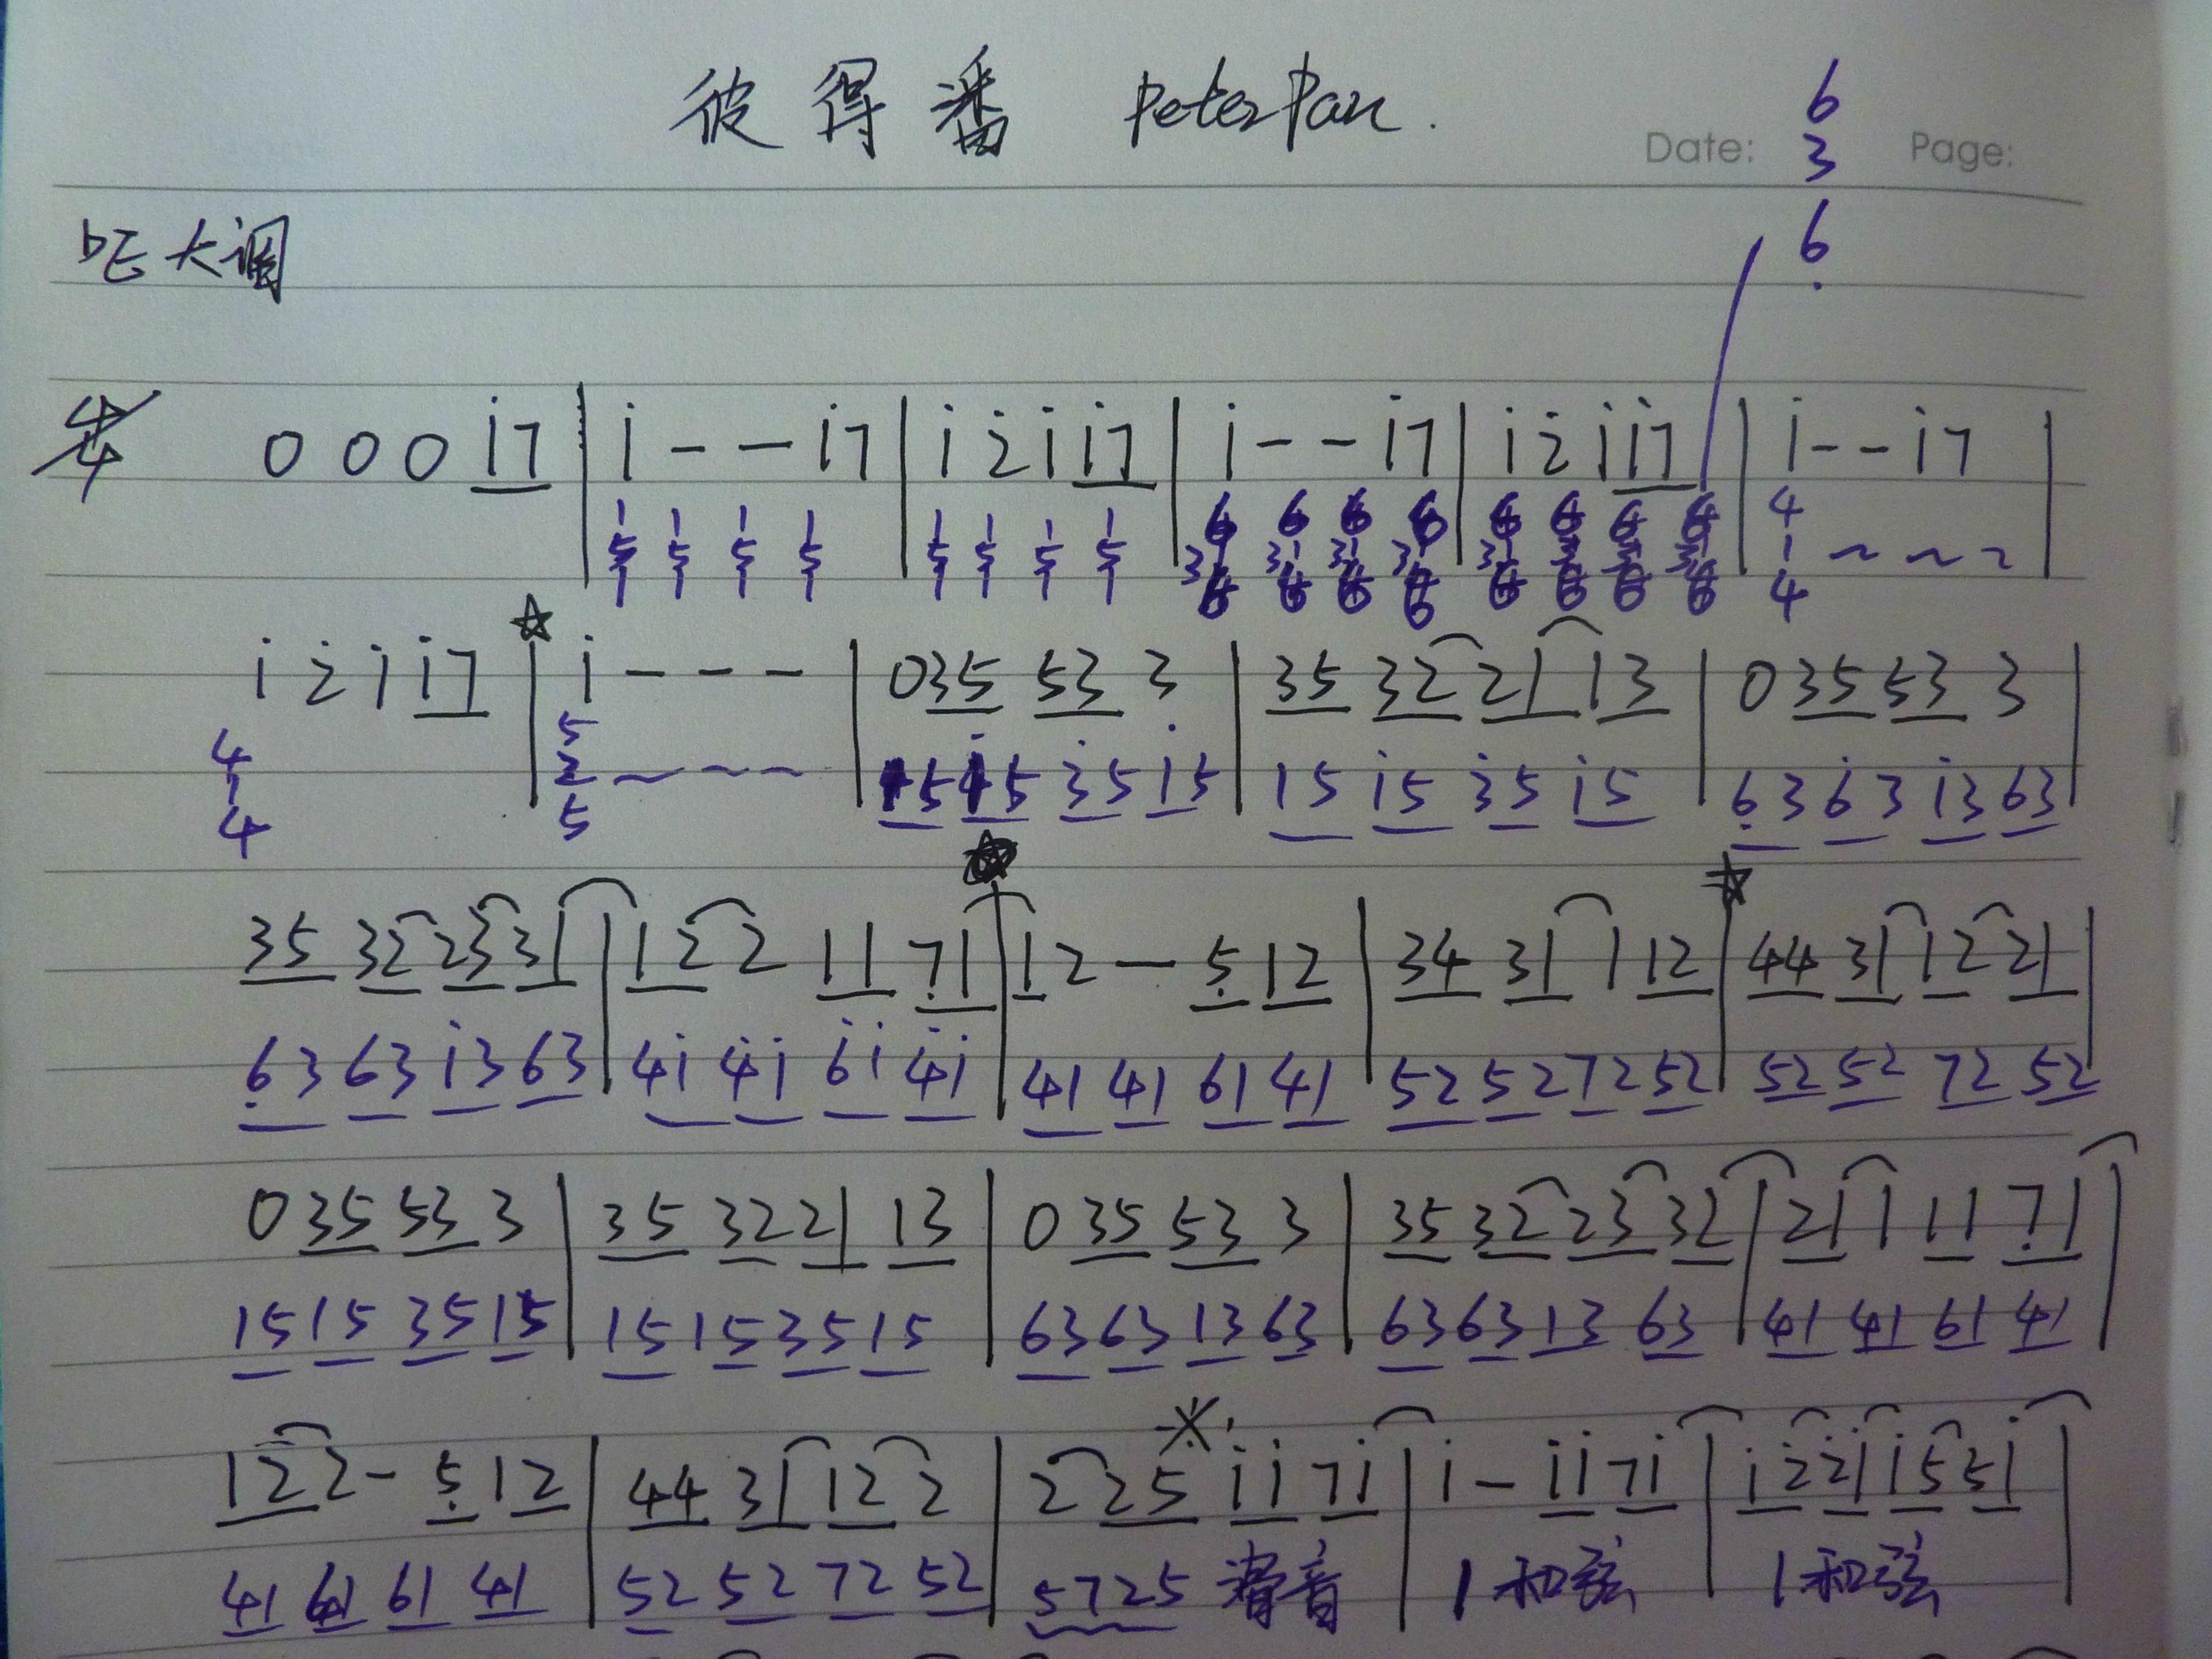 exo十二月奇迹简谱